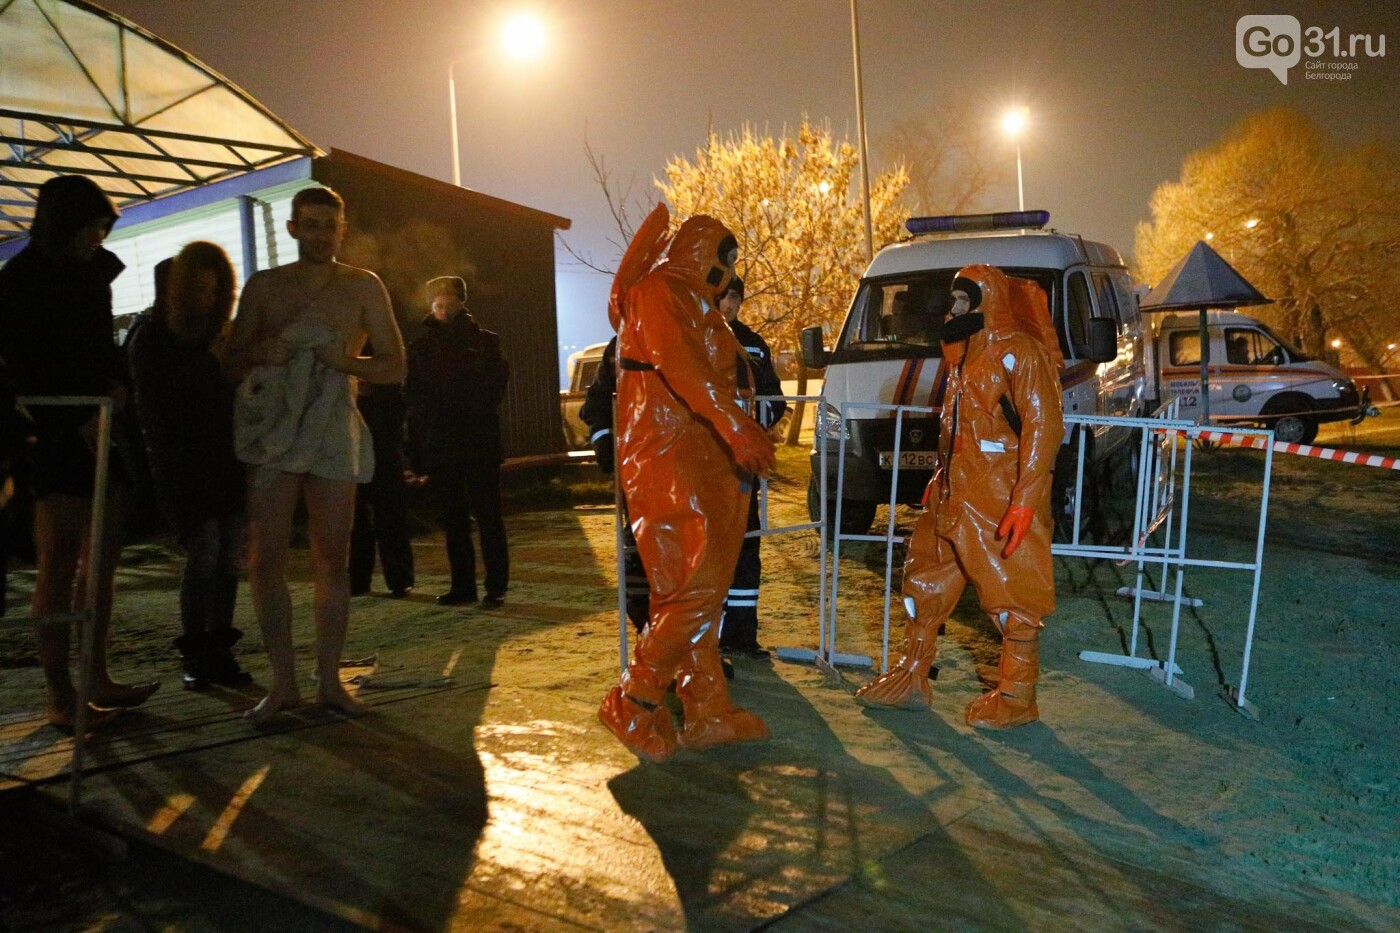 Сотни жителей Белгорода окунулись в крещенские купели, фото-20